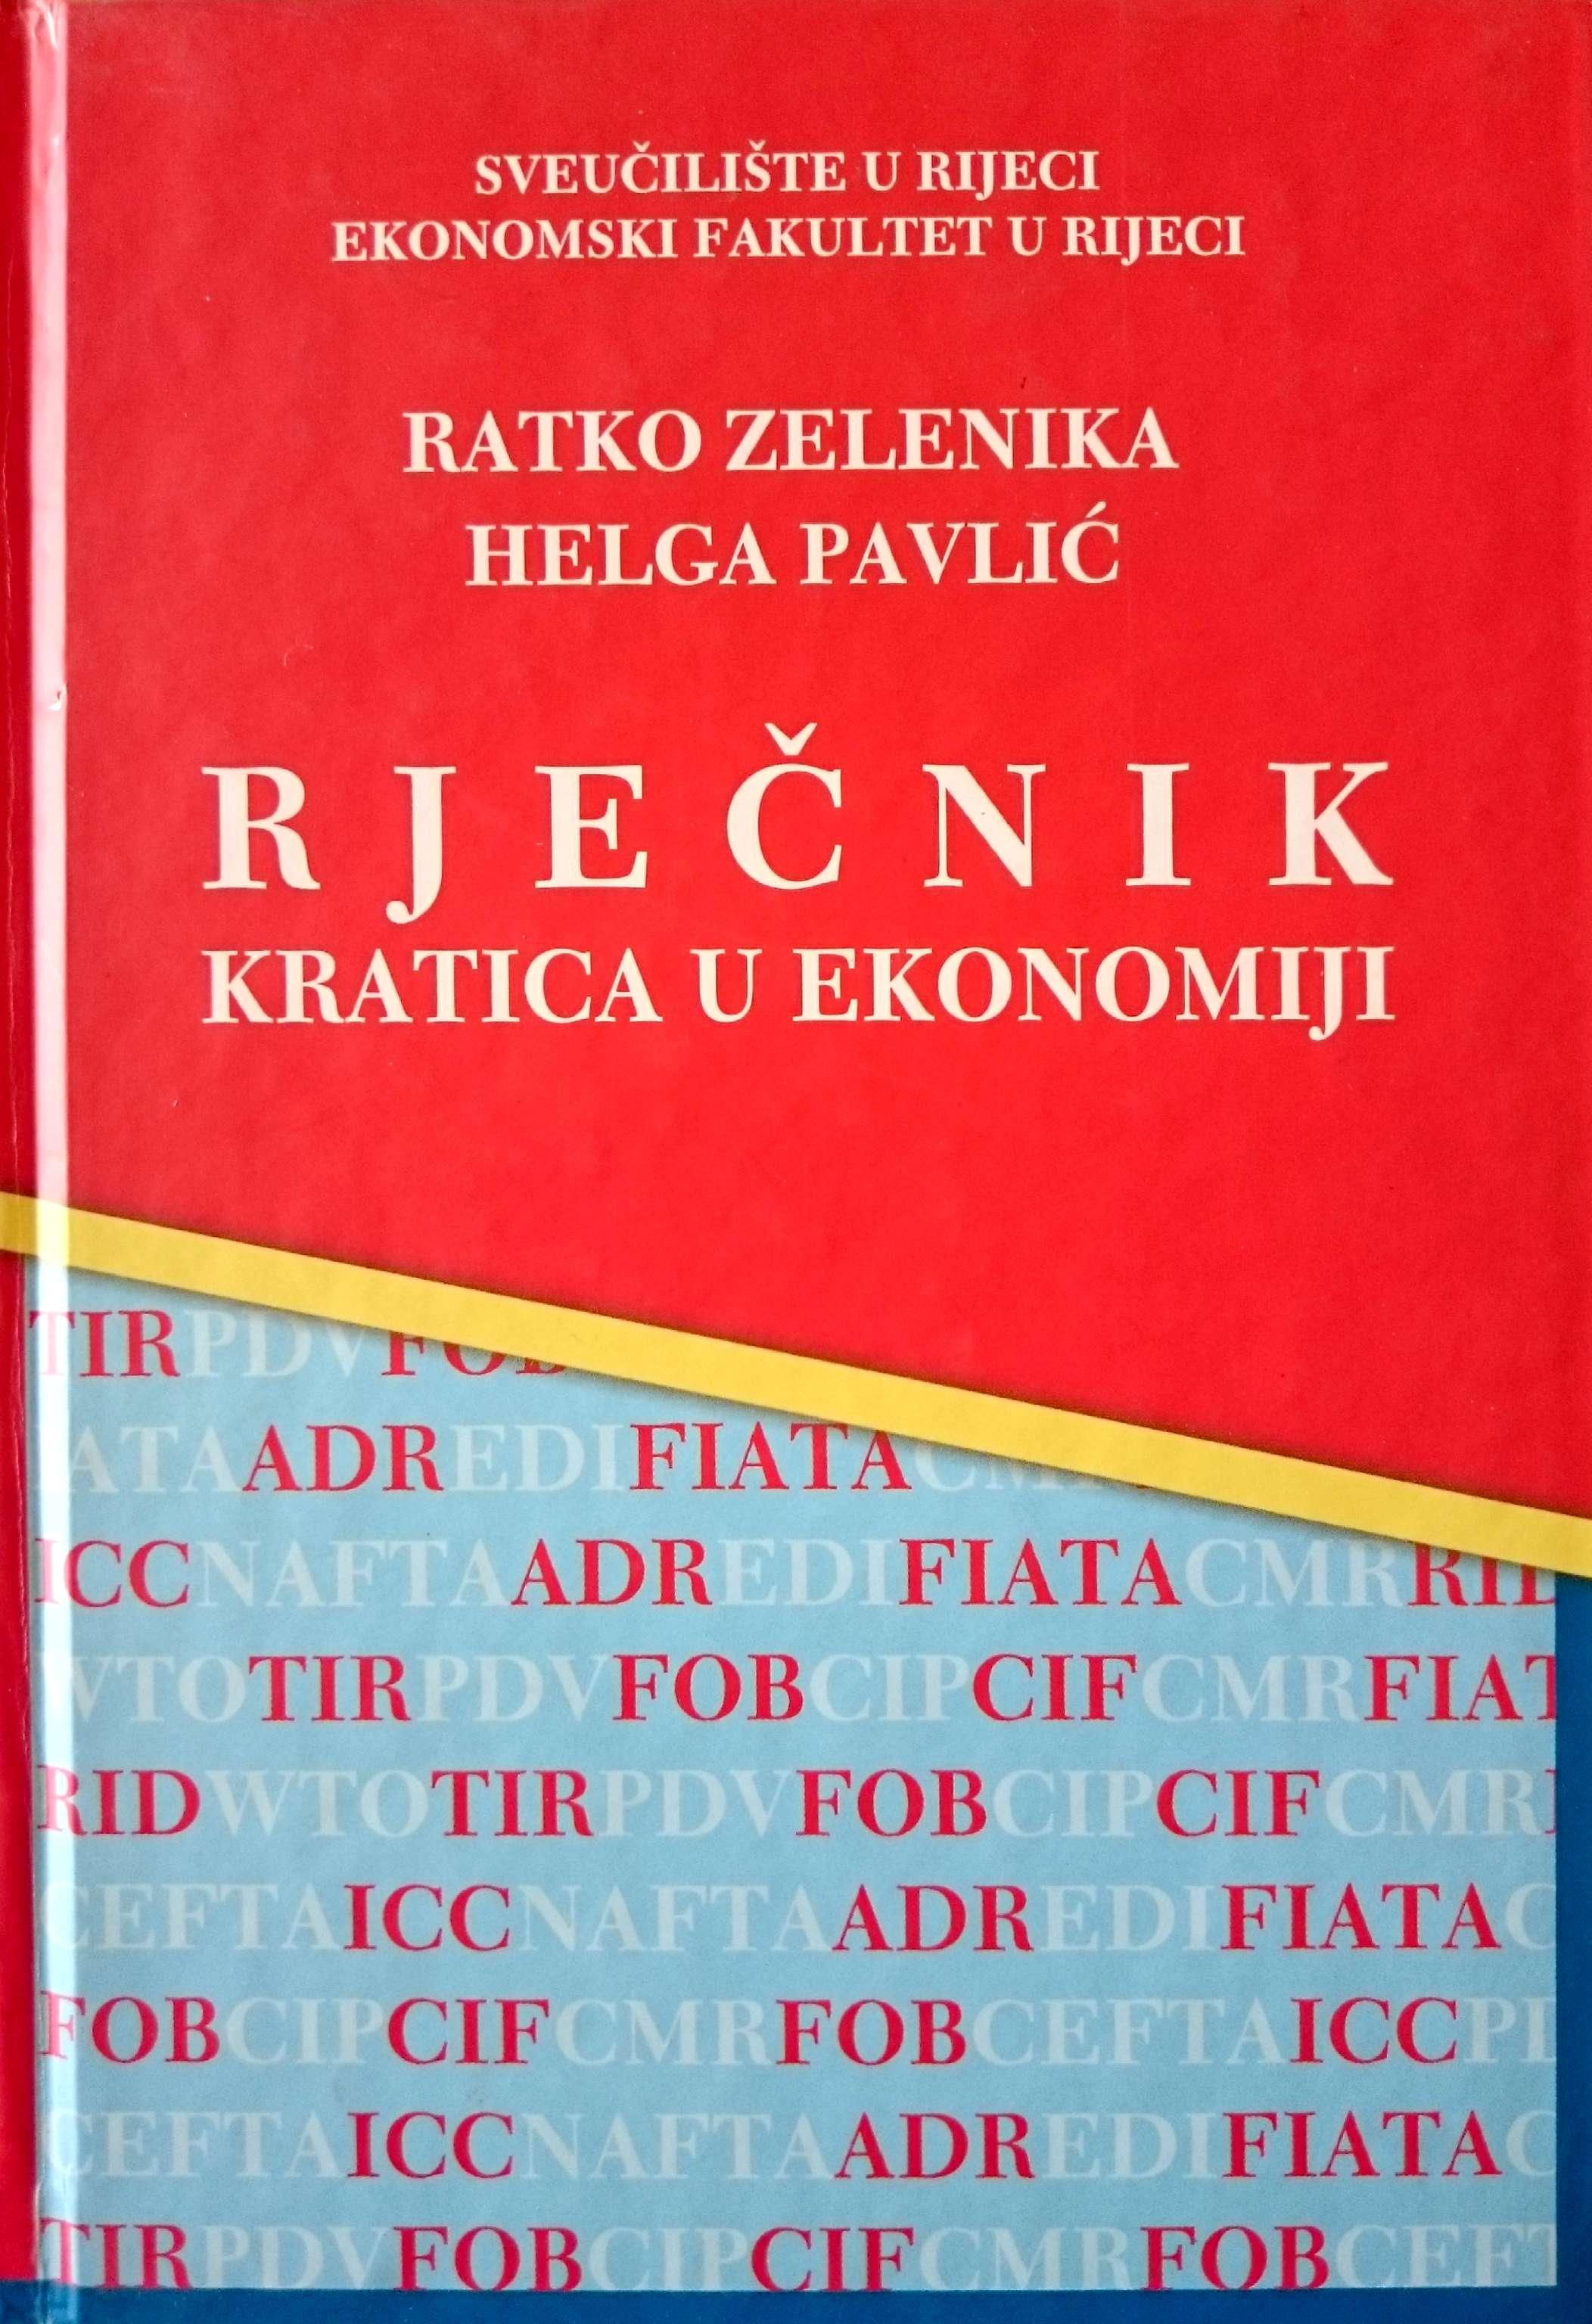 RJEČNIK KRATICA U EKONOMIJI - Naruči svoju knjigu